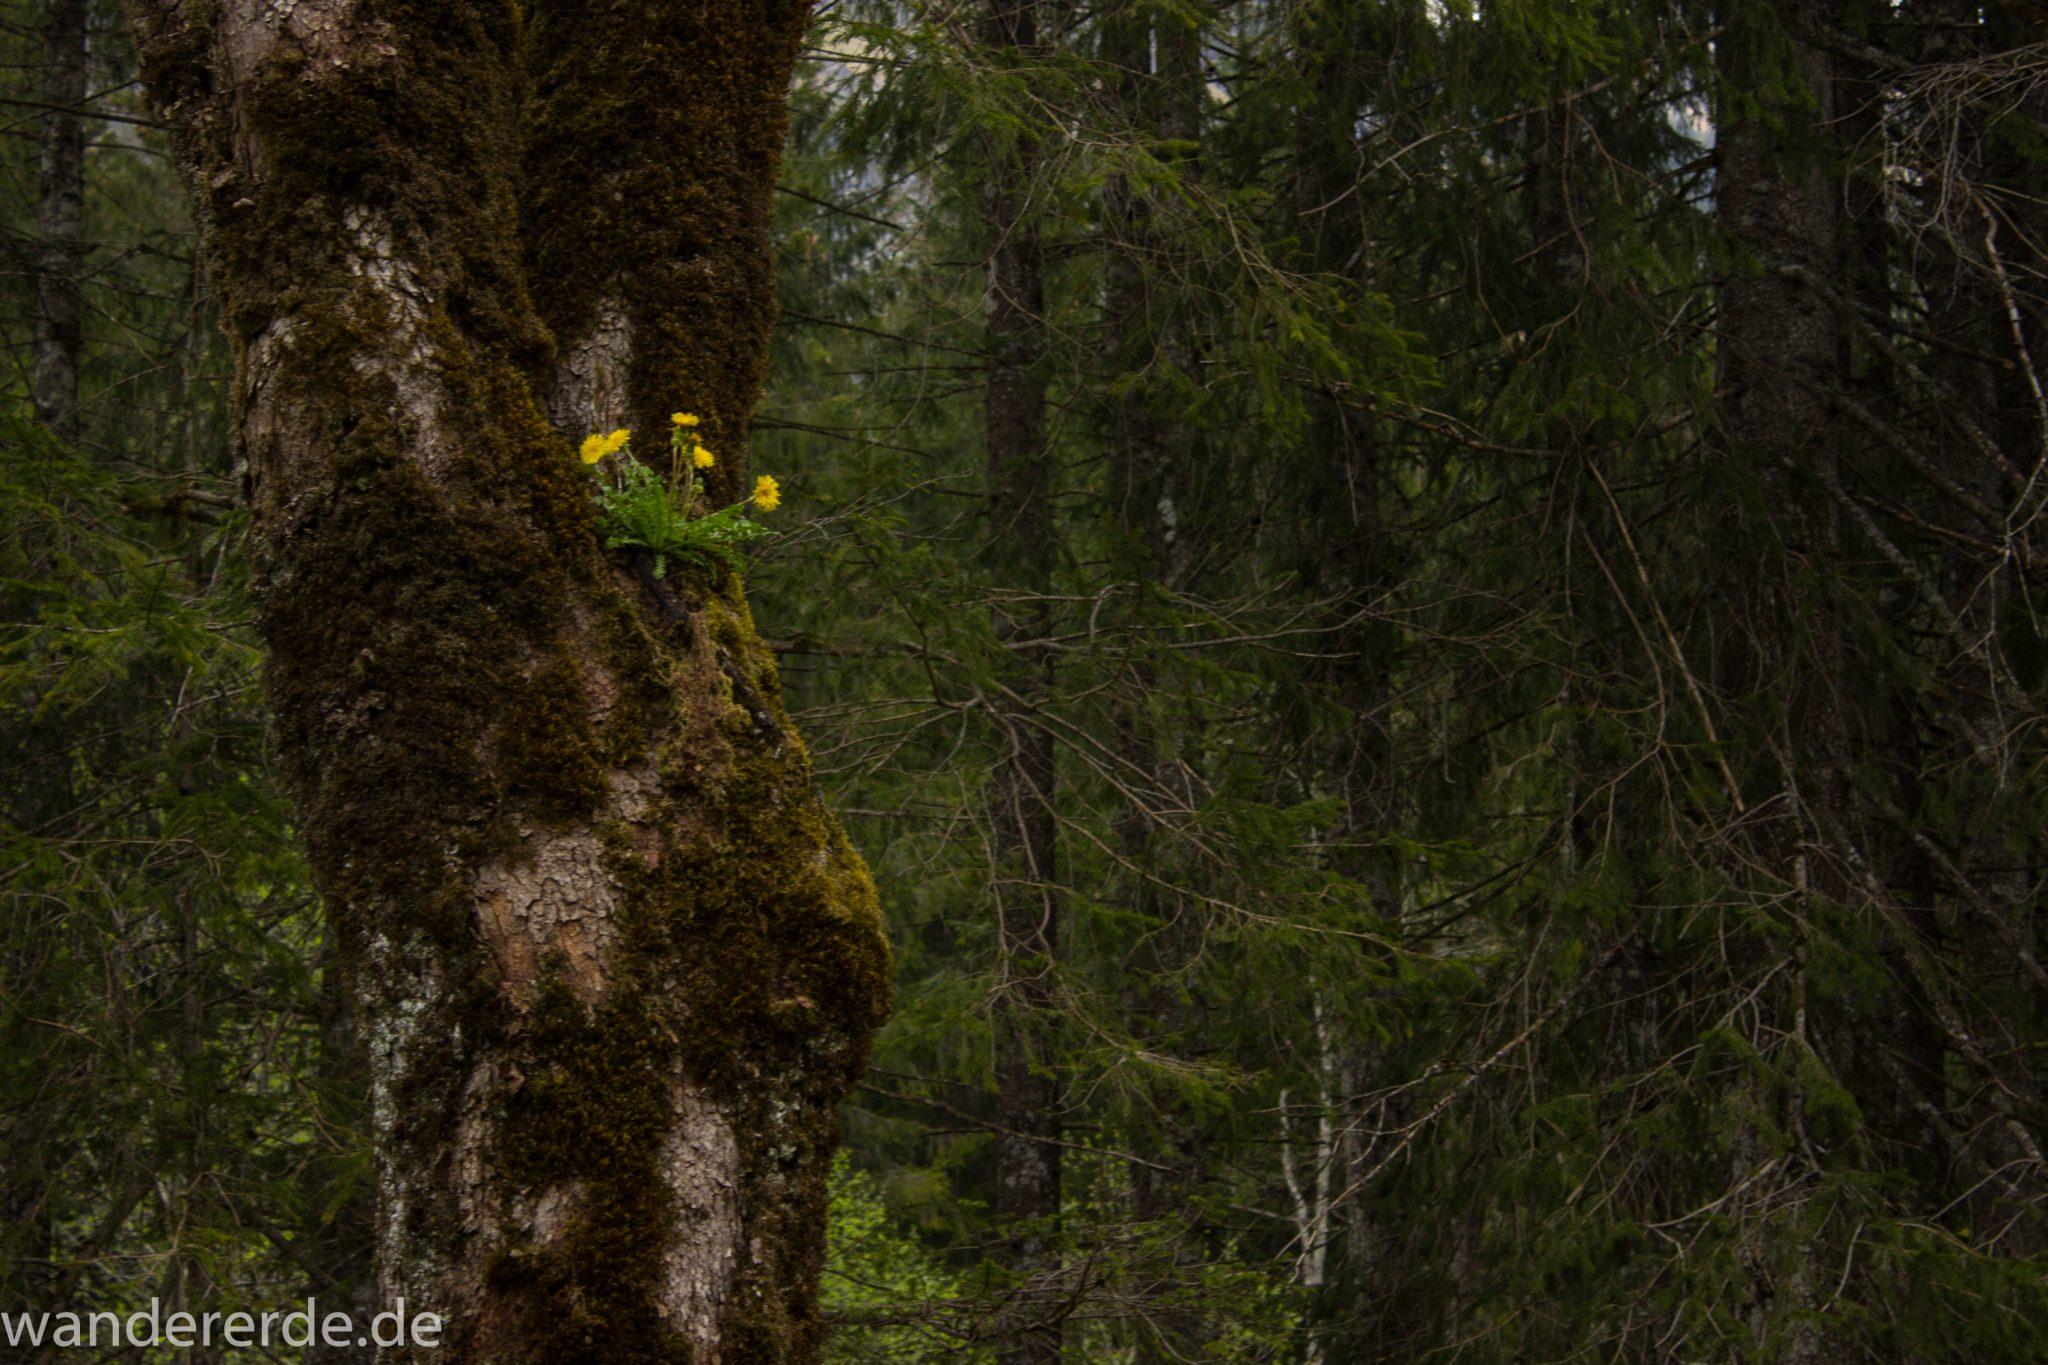 Wanderung im Oytal bei Oberstdorf im Allgäu, Bayern, schöner dichter und grüner Wald  im Oytal, Wanderweg leider Asphalt, aber die Umgebung entschädigt, sehr schöne Atmosphäre, Löwenzahn wächst auf Baum